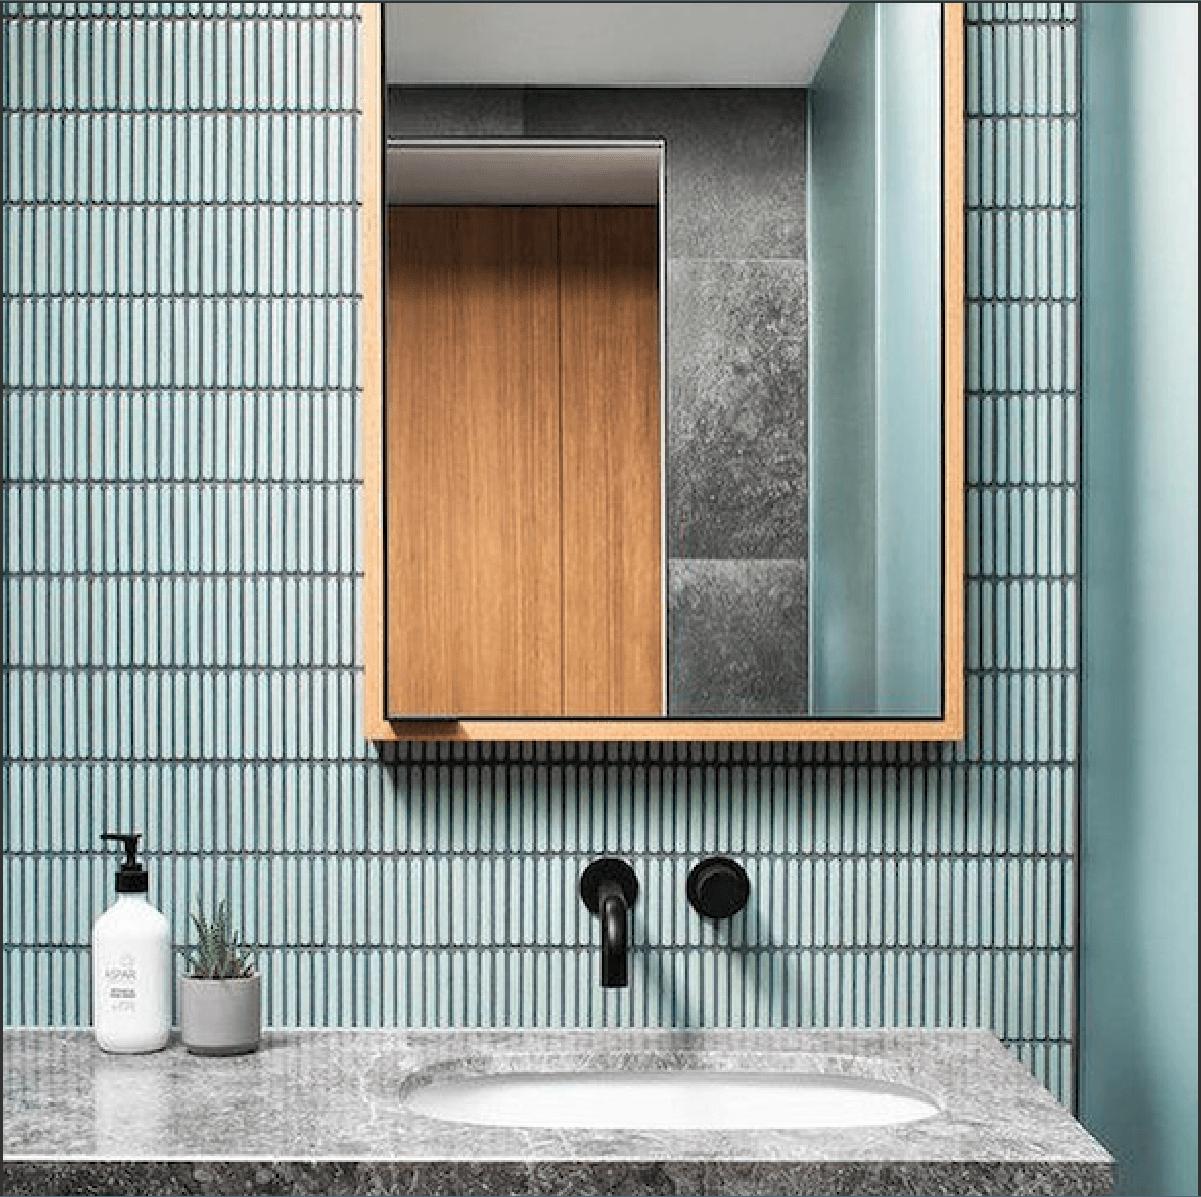 the-mosiac-factory-badkamers-Mijn-Bad-In-Stijl-badkamer-merken-3